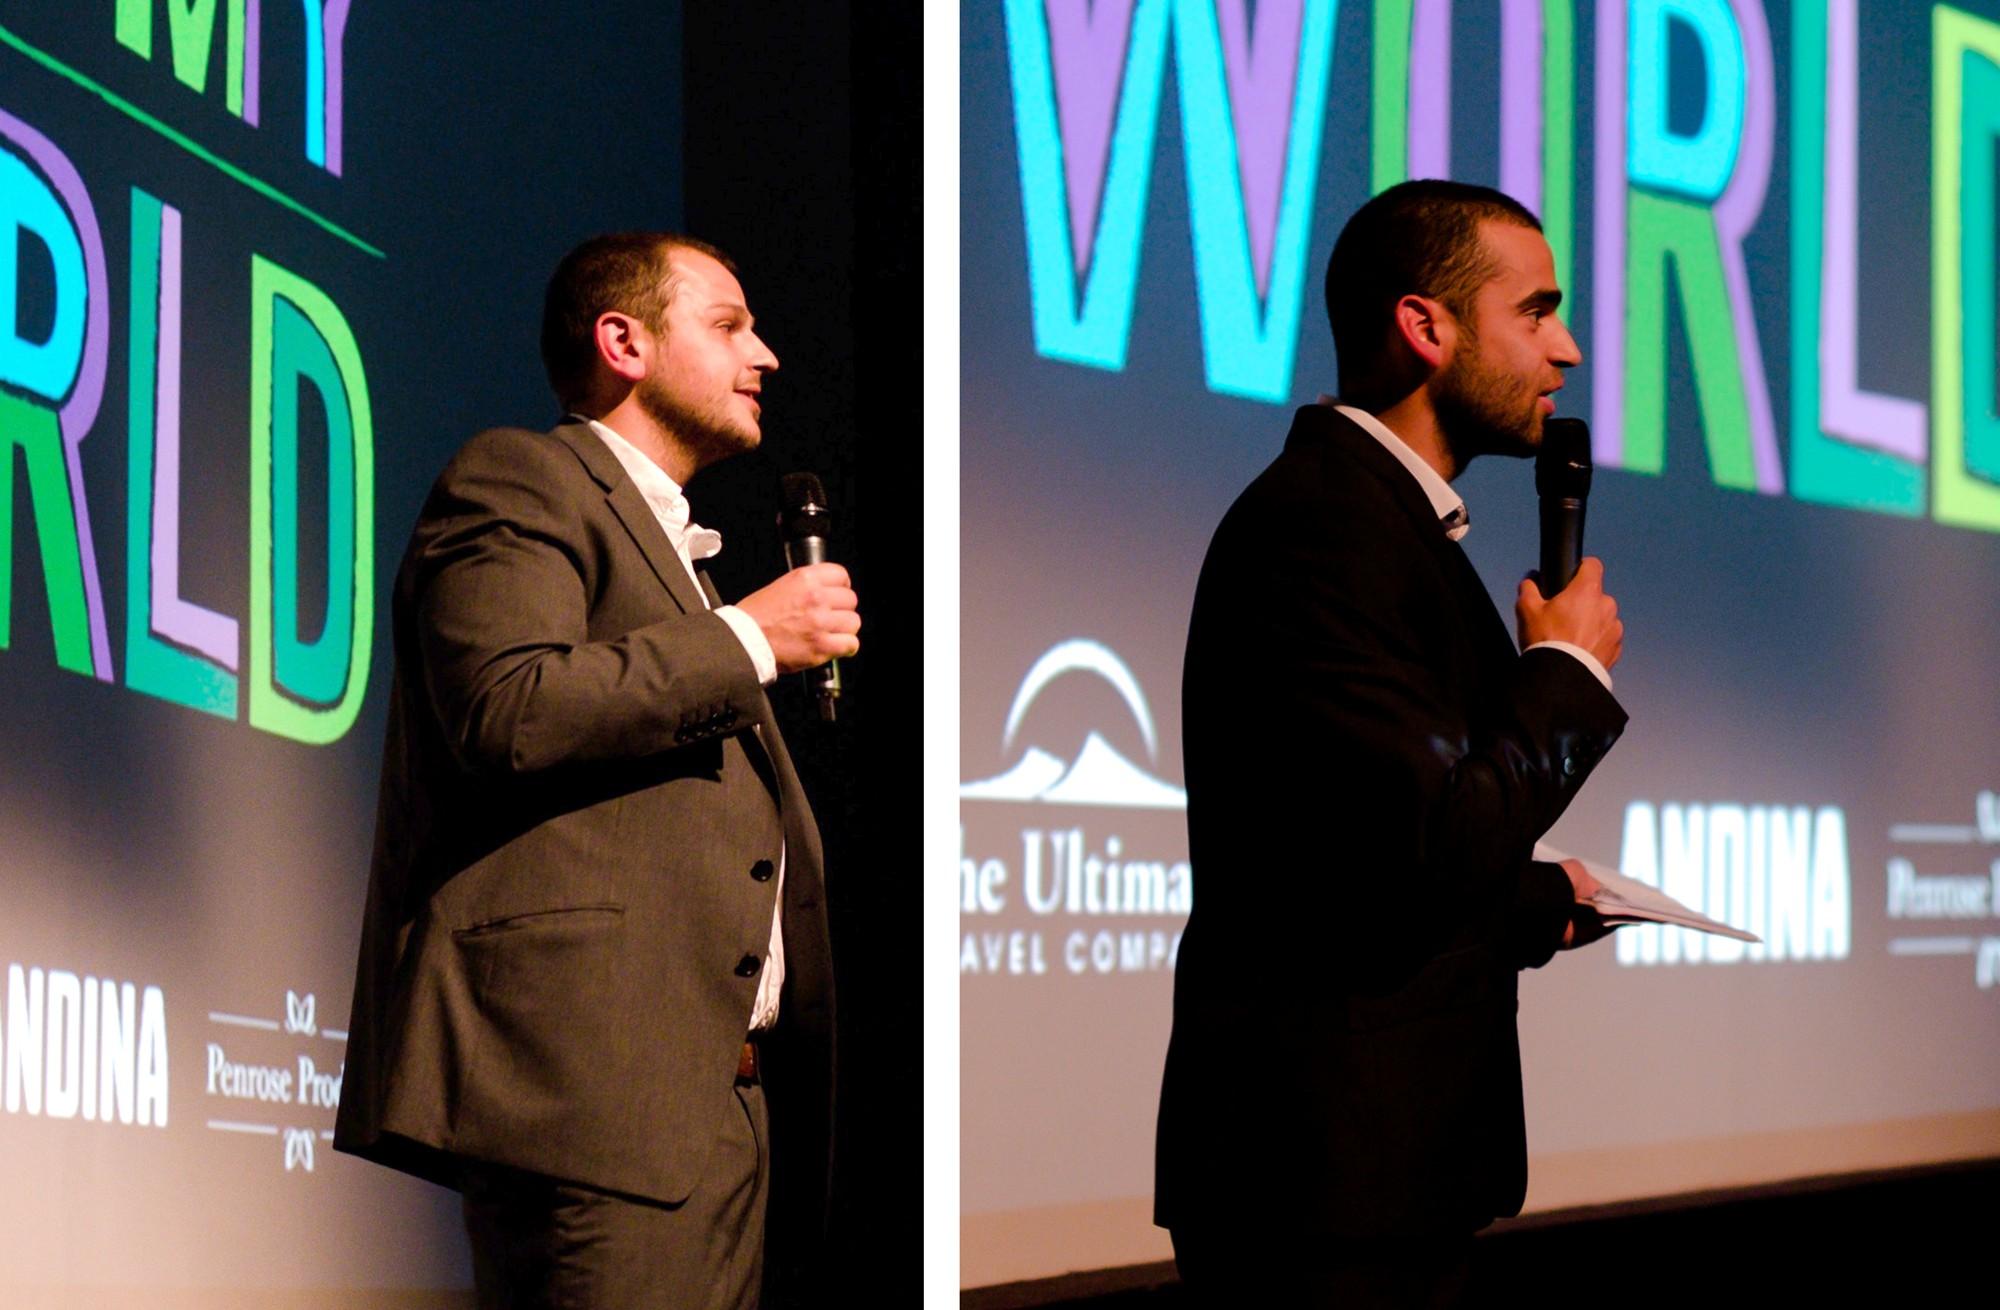 Los co-directores de Amantani Chris y Fred estuvieron presentes para hablar sobre el concepto de Meet m World.  (Foto: Melissa North)